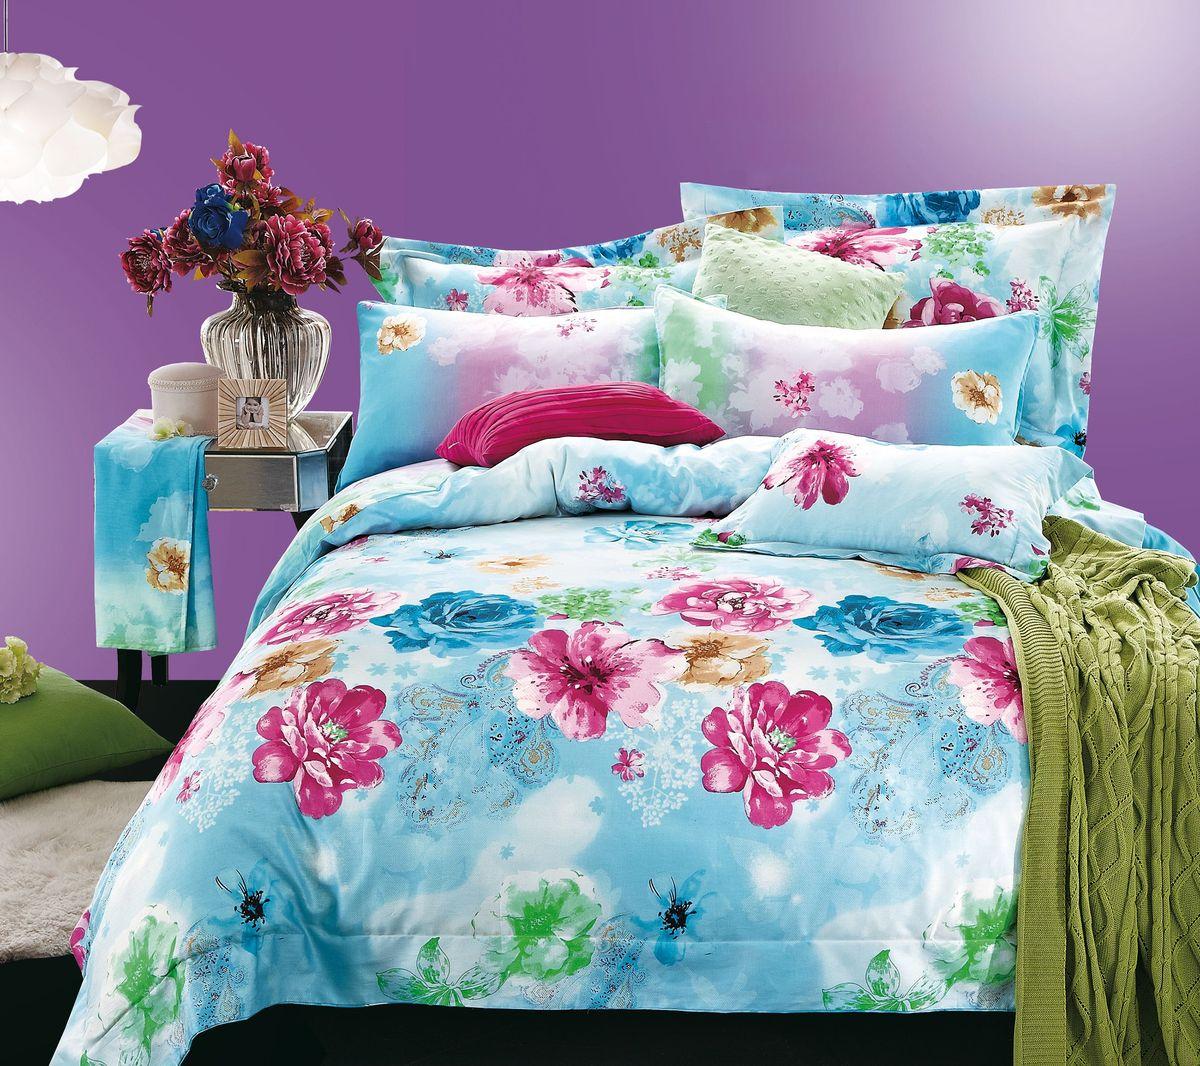 Комплект белья Коллекция Цветы, 2,5-спальный, наволочки 70x70. СЛ2,5/70/ОЗ/цвСЛ2,5/70/ОЗ/цвКомплект постельного белья Коллекция Цветы является экологически безопасным для всей семьи, так как выполнен из высококачественного сатина (100% хлопка). Комплект состоит из пододеяльника, простыни и двух наволочек. Сатин - производится из высших сортов хлопка, а своим блеском и легкостью напоминает шелк. Постельное белье из сатина превращает жаркие летние ночи в прохладные и освежающие, а холодные зимние - в теплые и согревающие.